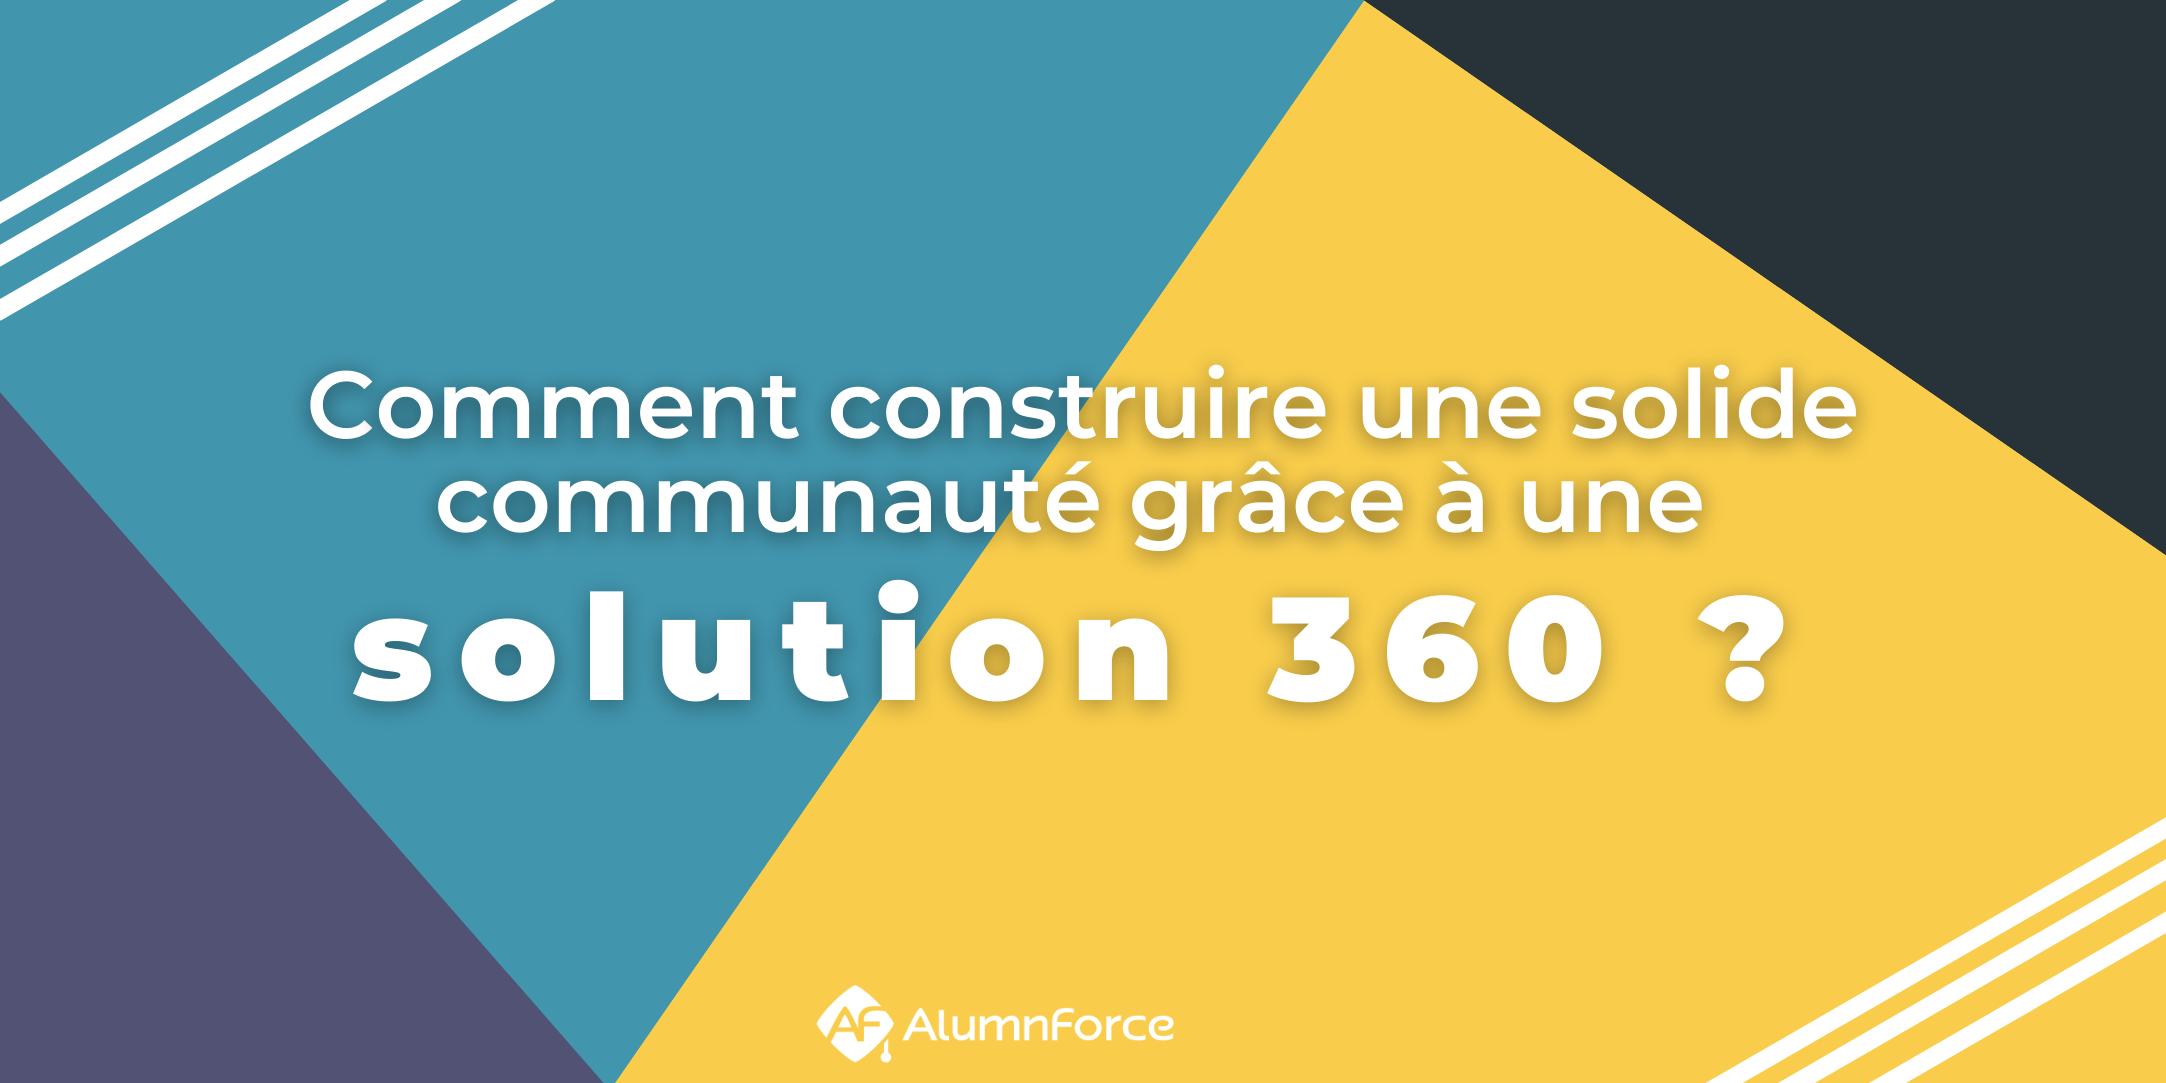 Comment construire une solide communauté grâce à une solution 360 ?